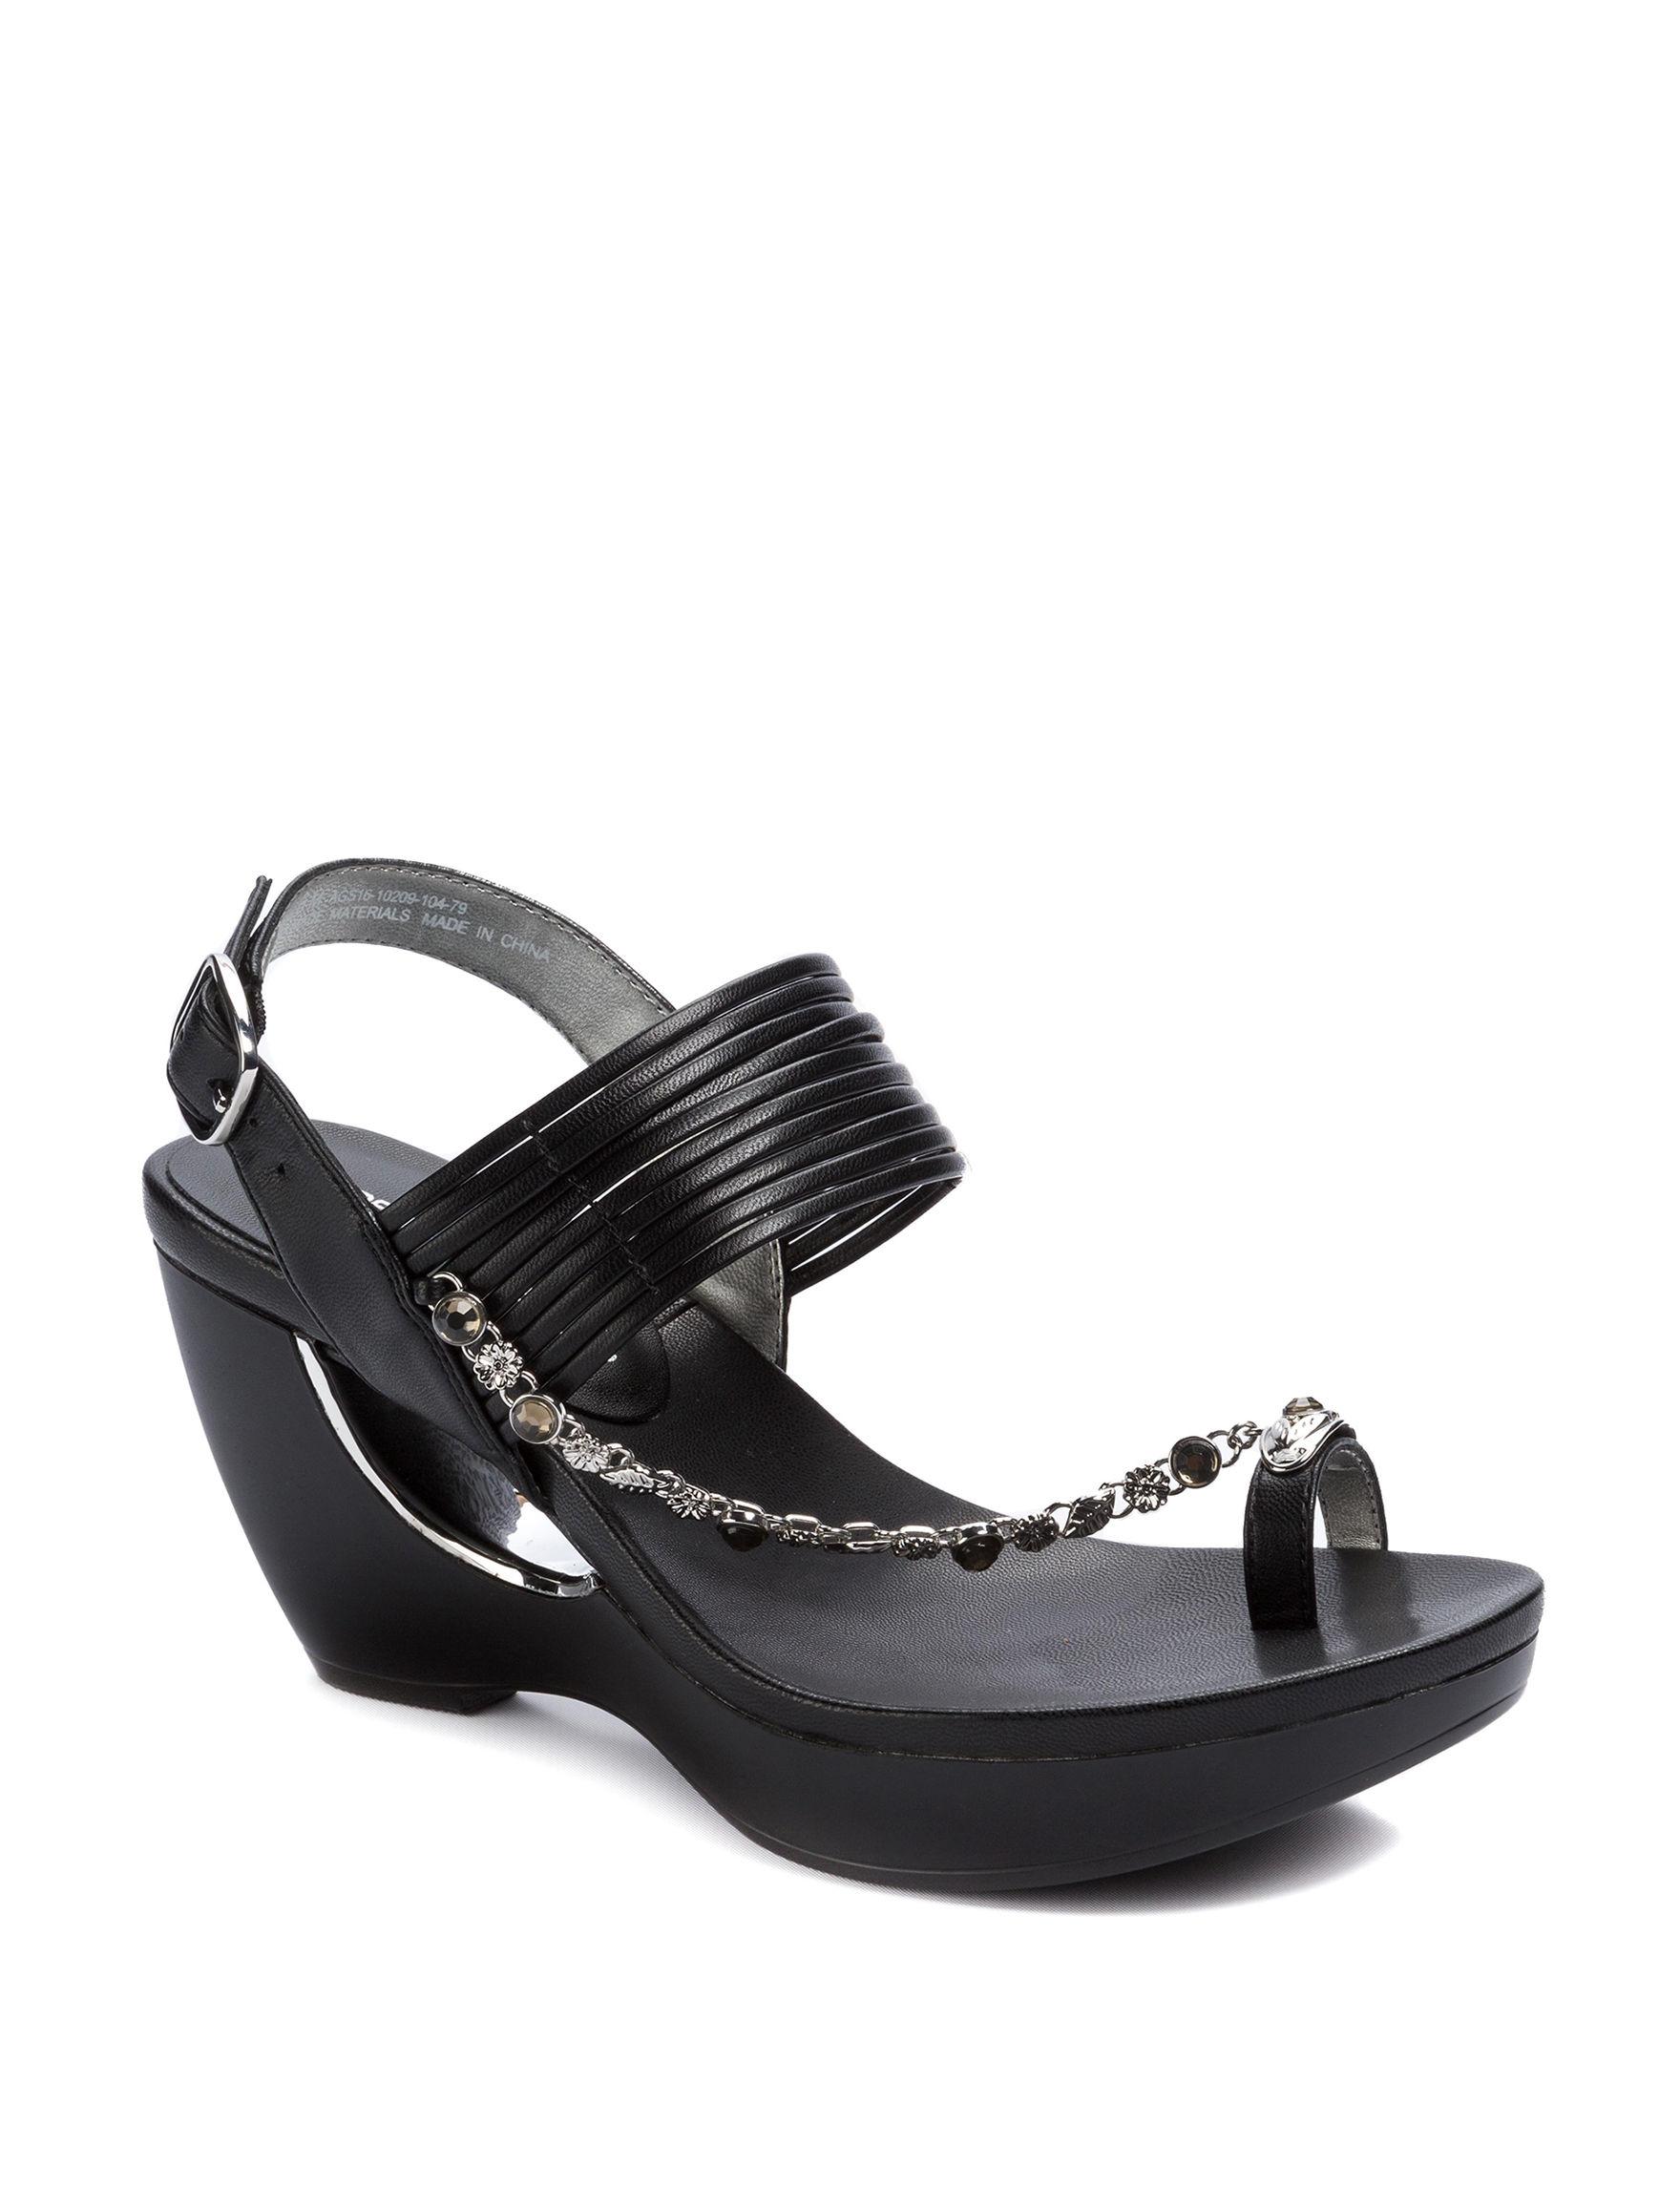 Andrew Geller Black Wedge Sandals